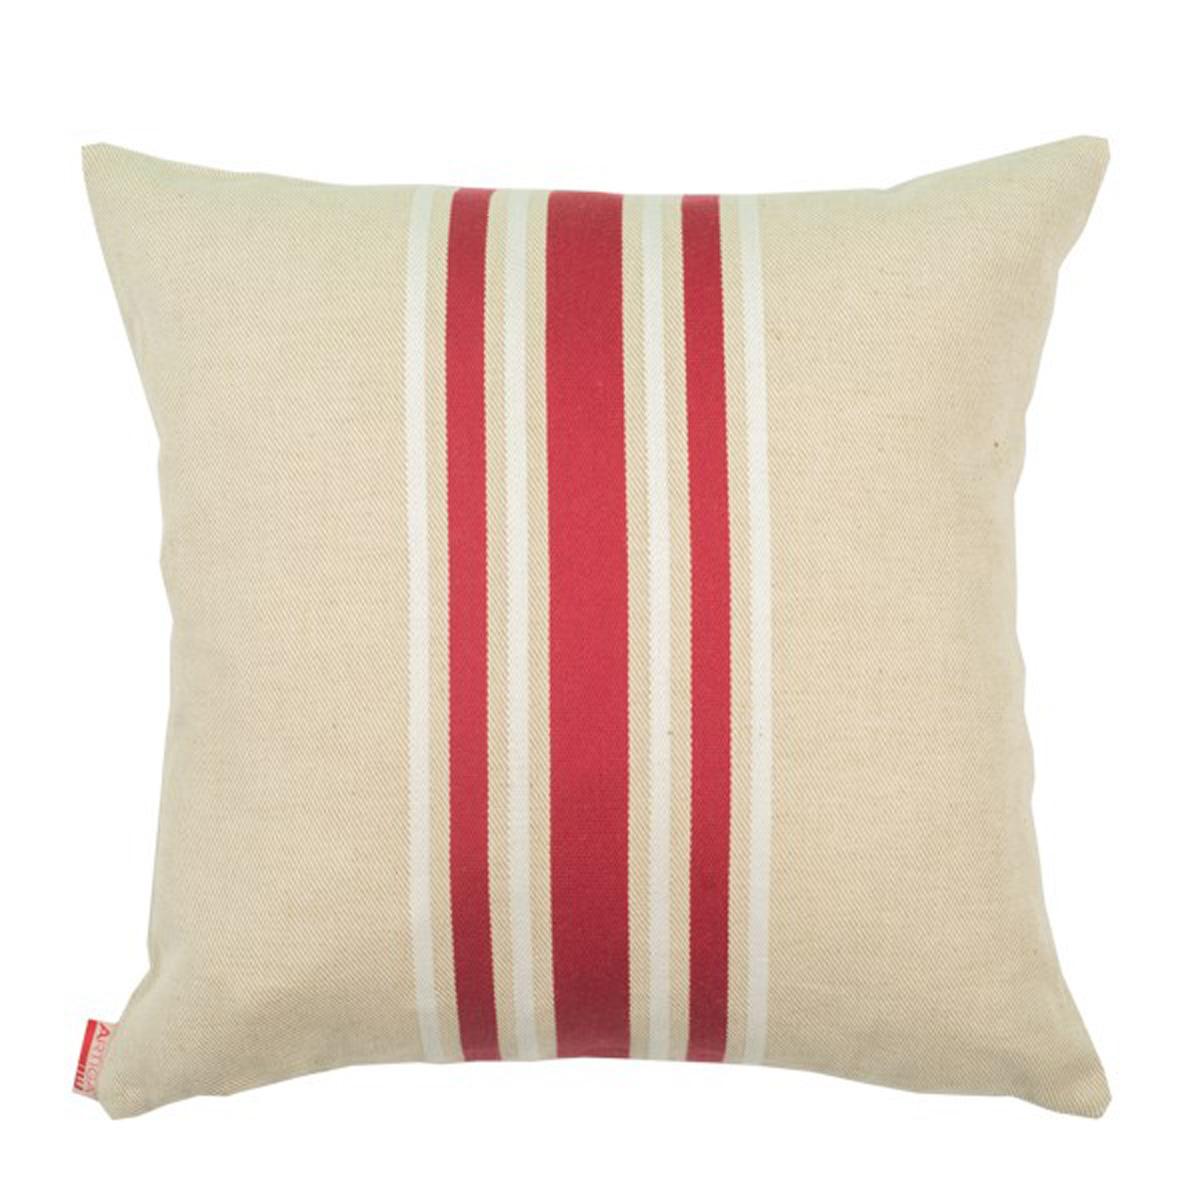 Coussin carré en coton bordeaux 40x40 cm